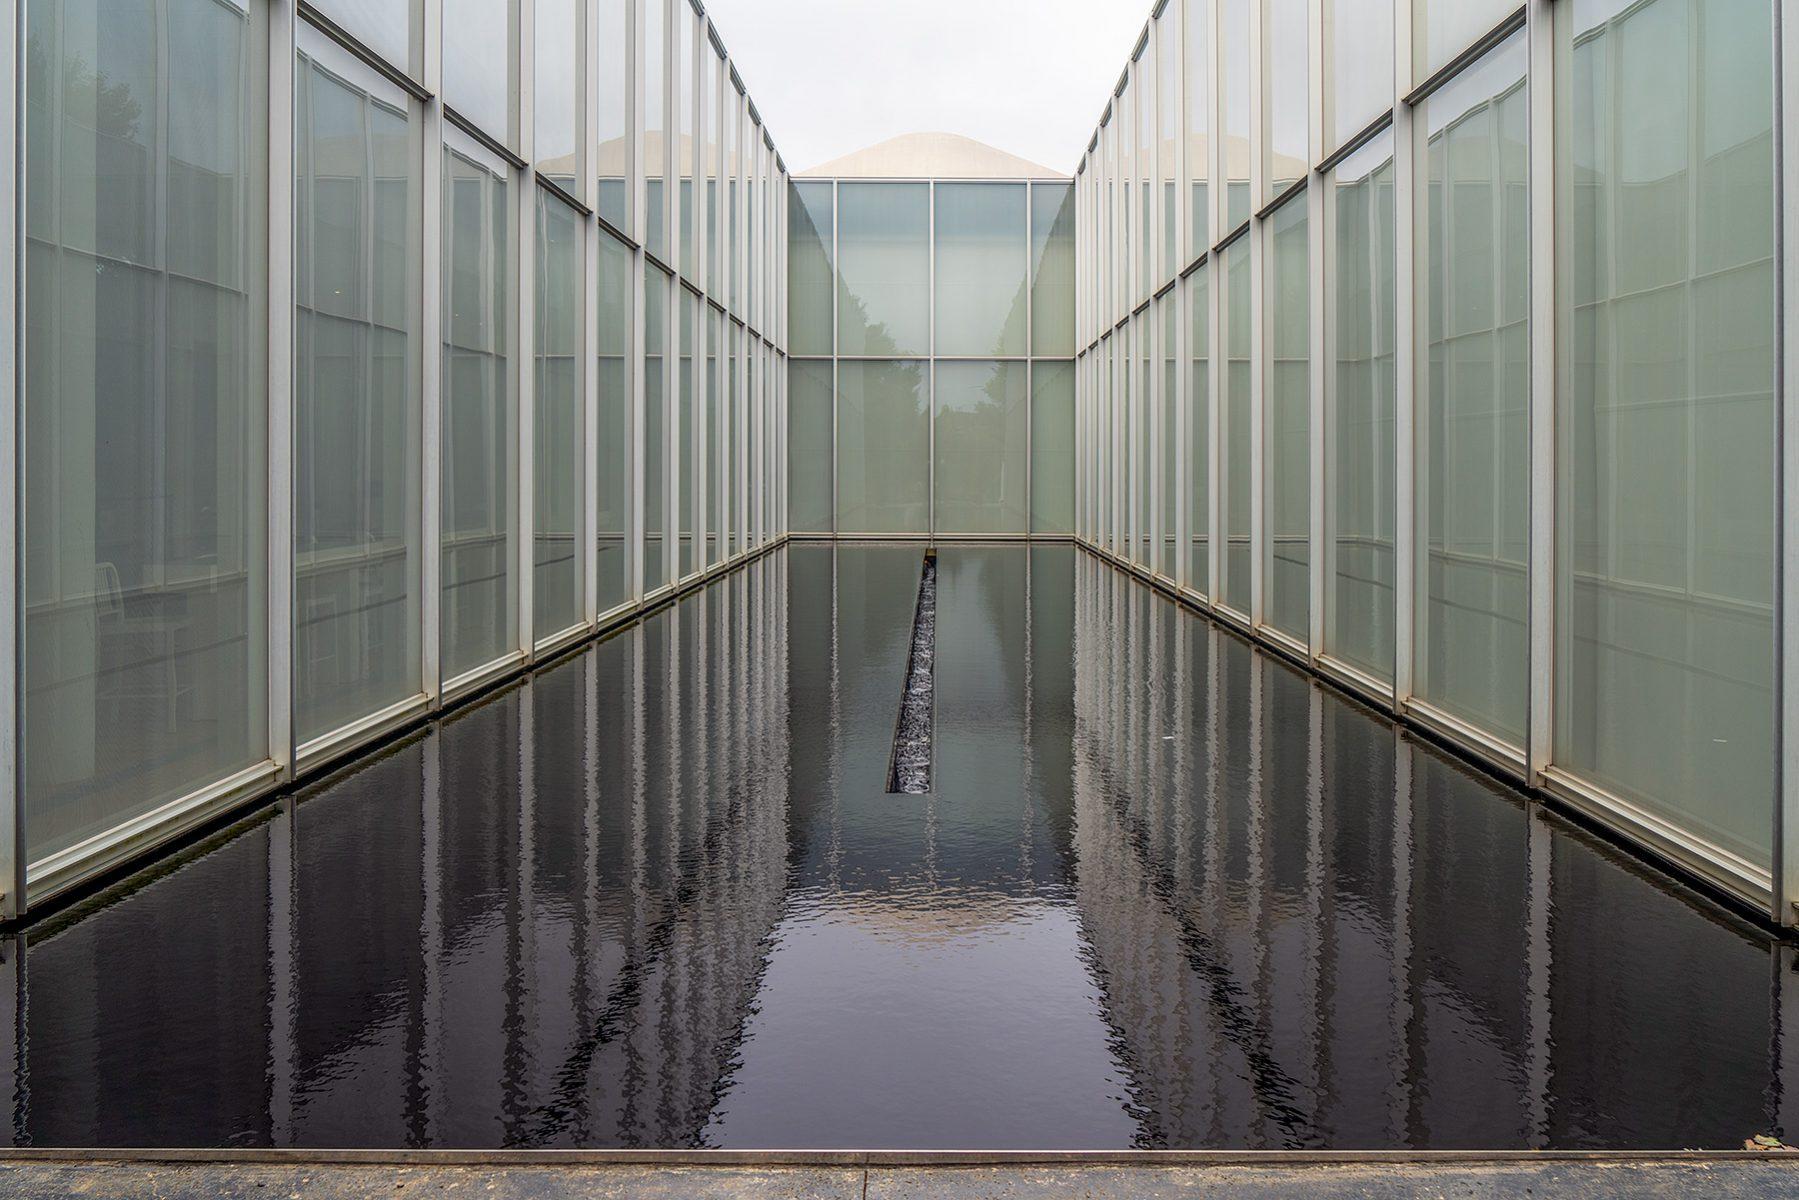 Bassin mit Wasser zwischen Museumswänden im Raleigh Art Museum